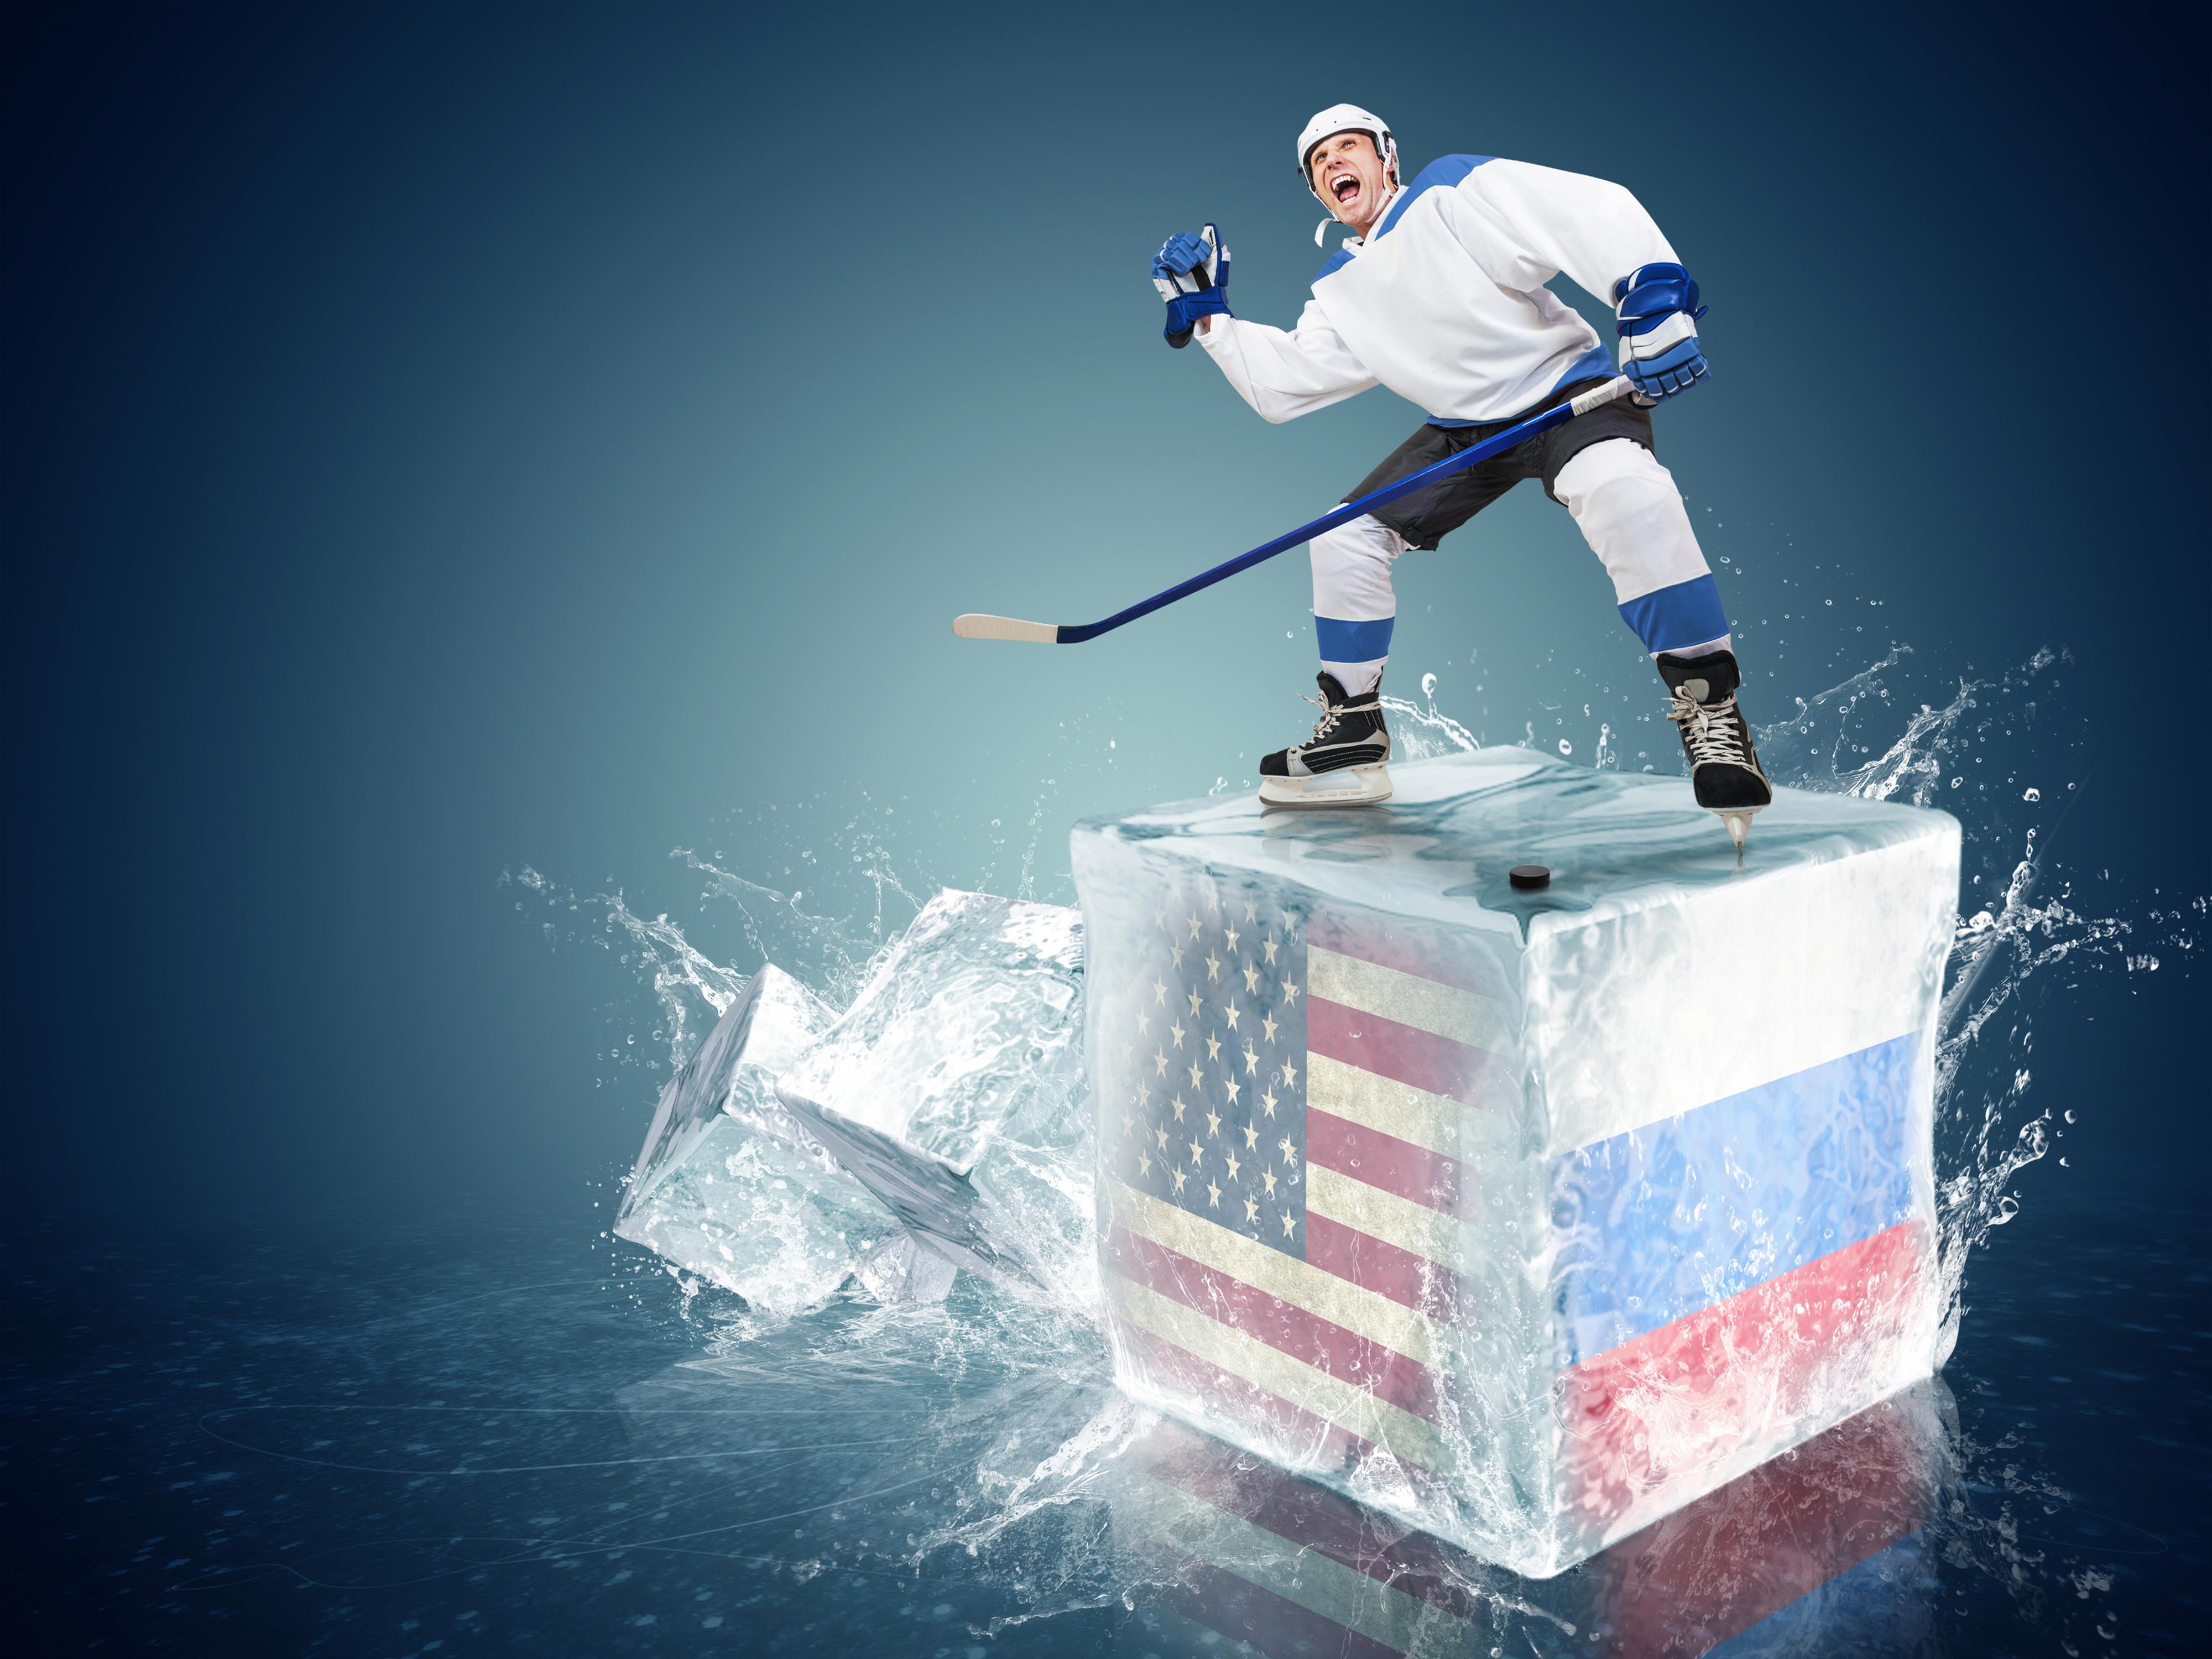 Hintergrundbilder USA Russland Mann sportliches Hockey spritzwasser Uniform 4000x3000 Vereinigte Staaten Sport Wasser spritzt